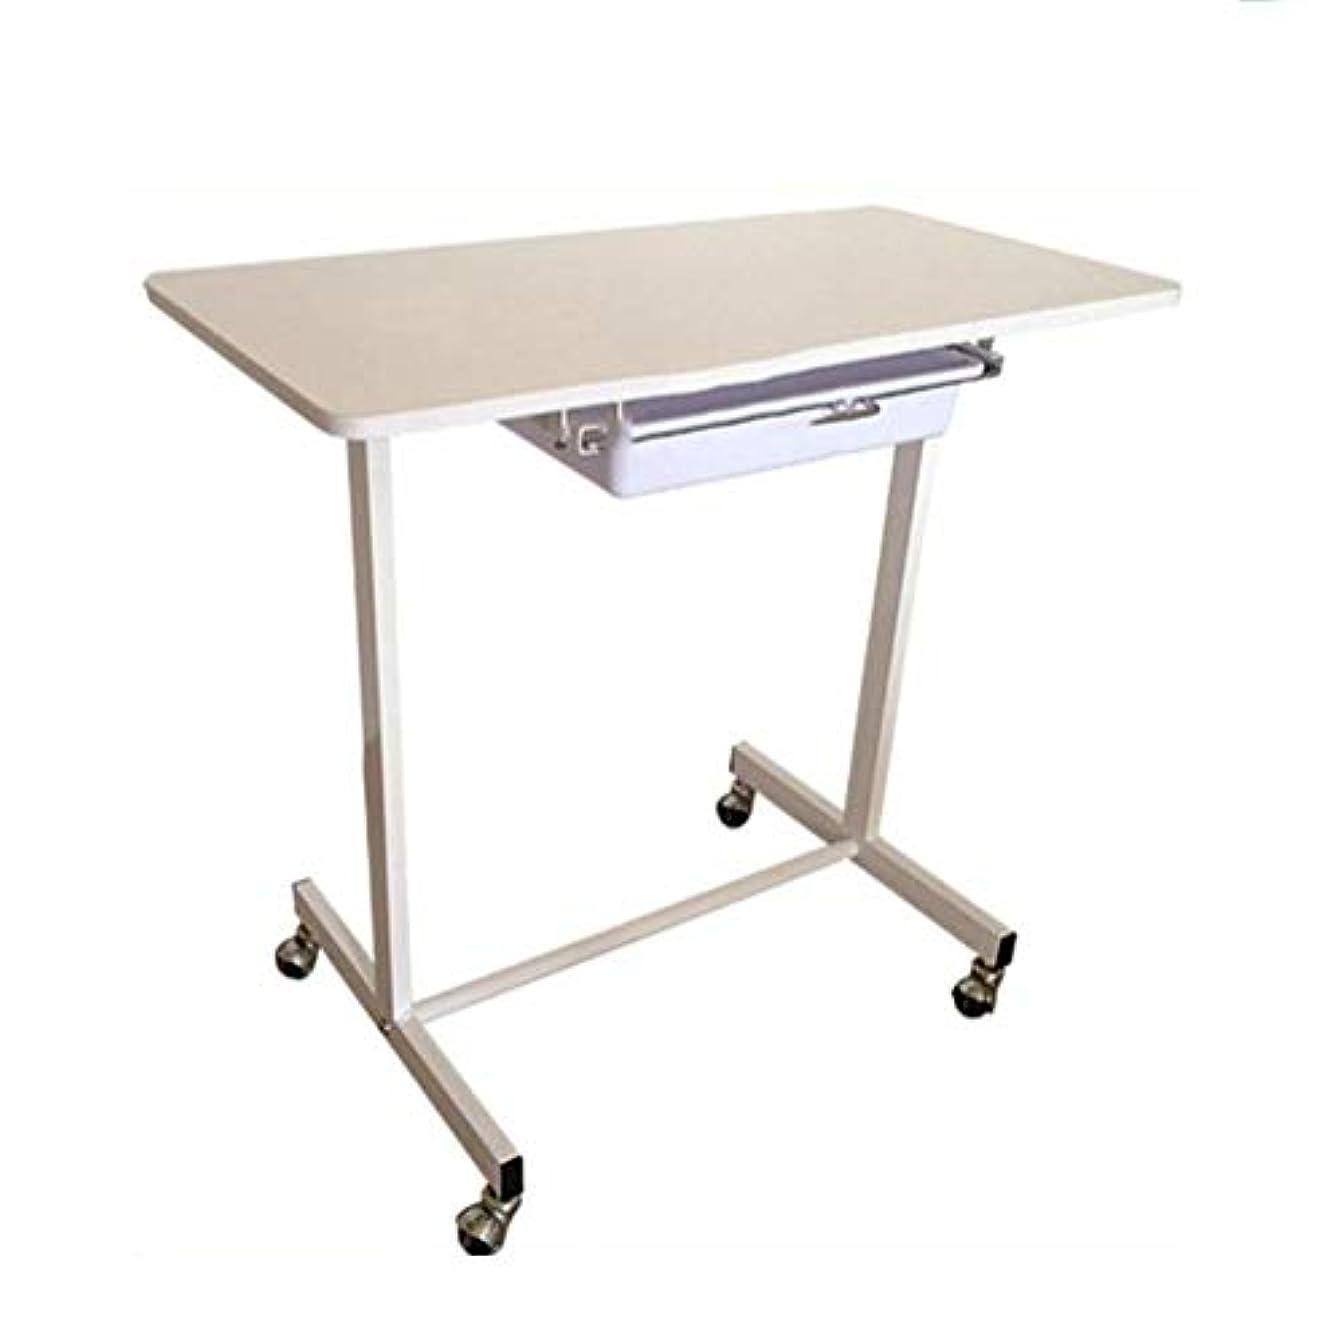 インキュバス女優支払いネイルテーブルポータブルマニキュアテーブルベントネイルデスクワークステーションサロンスパネイルアートビューティーサロン家具